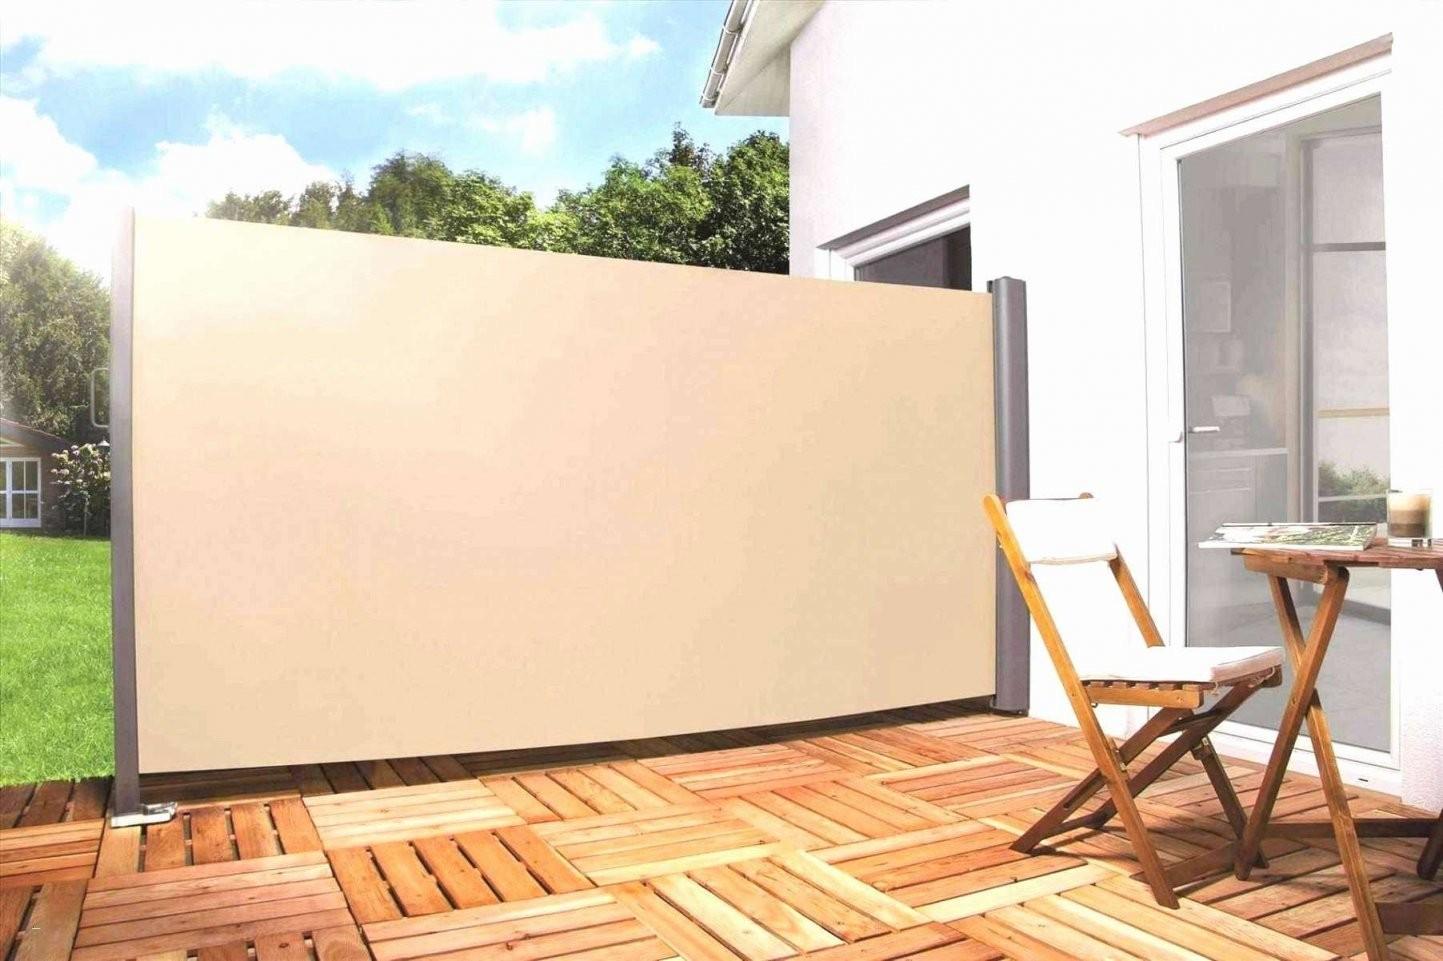 45 Das Beste Von Freitragende Treppe Galerie Ideen Von Terrasse von Freitragende Treppe Selber Bauen Bild